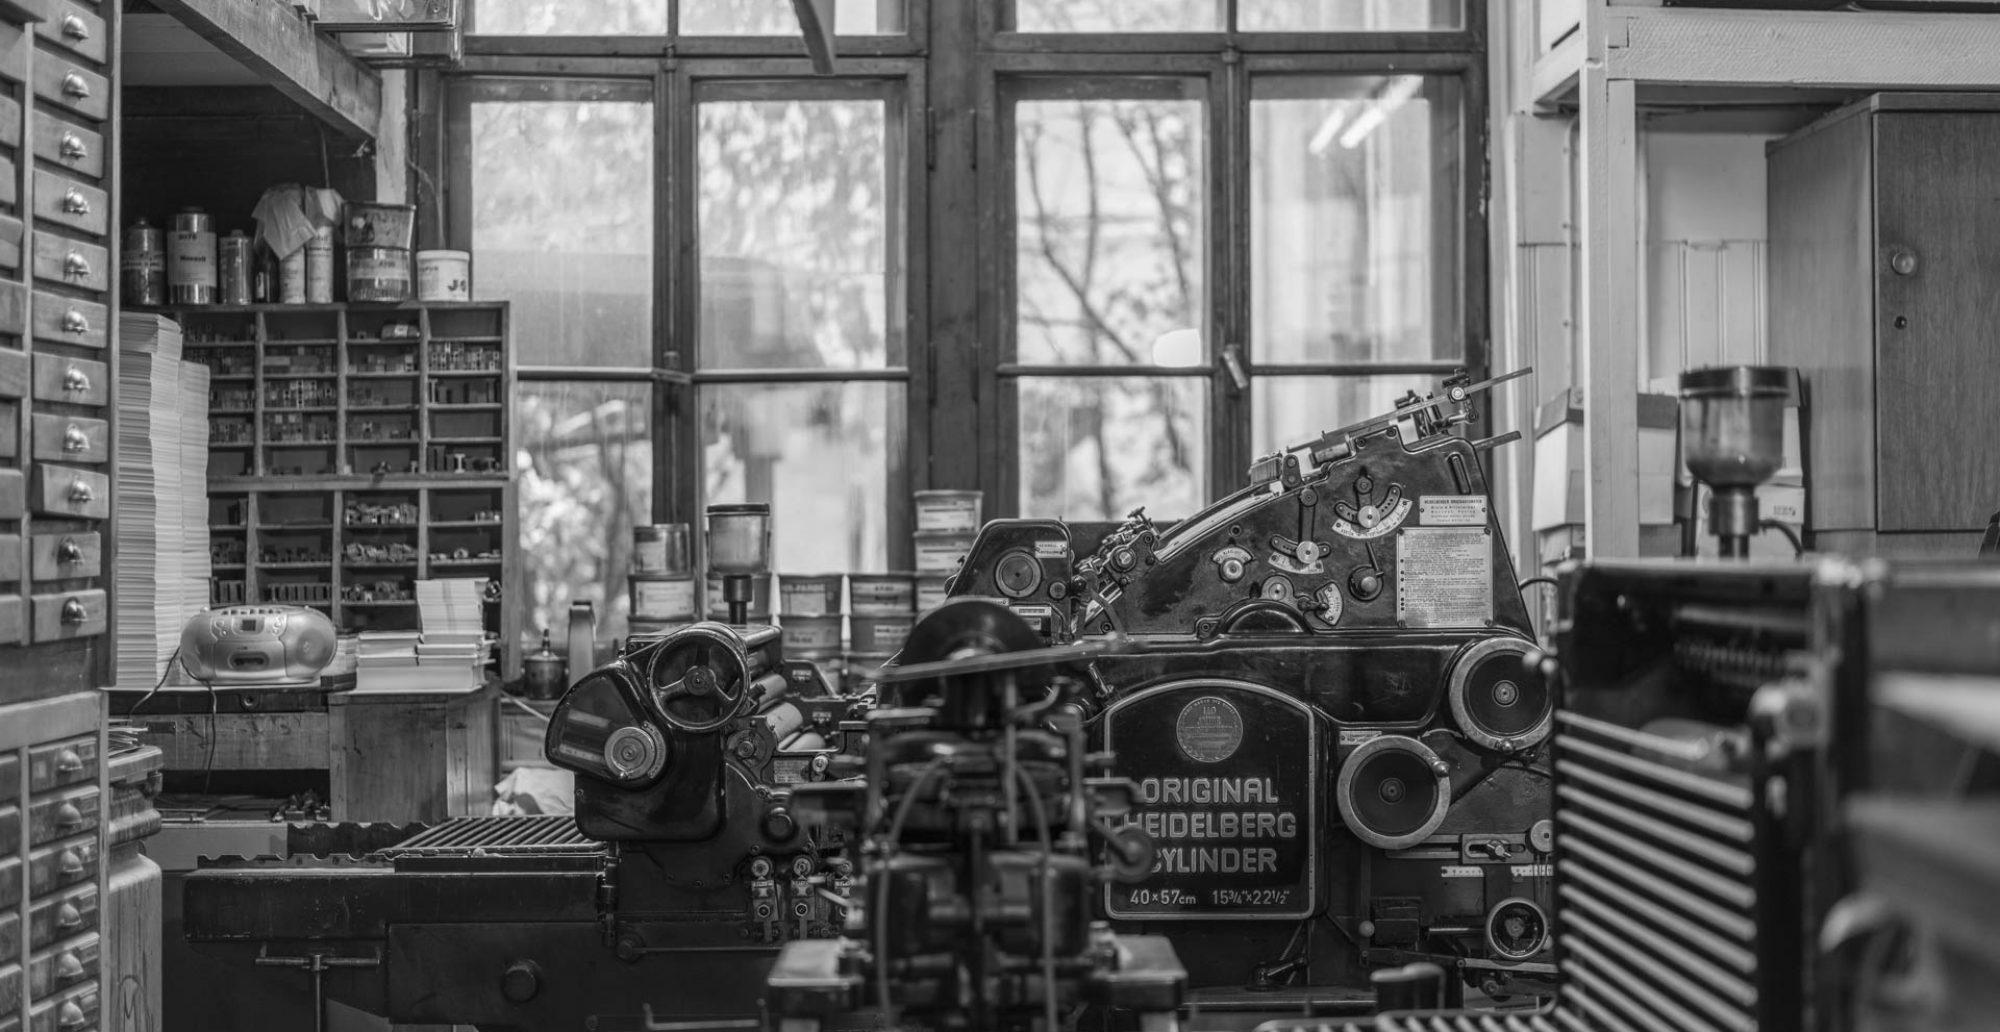 Freunde der Buchdruck-Werkstatt